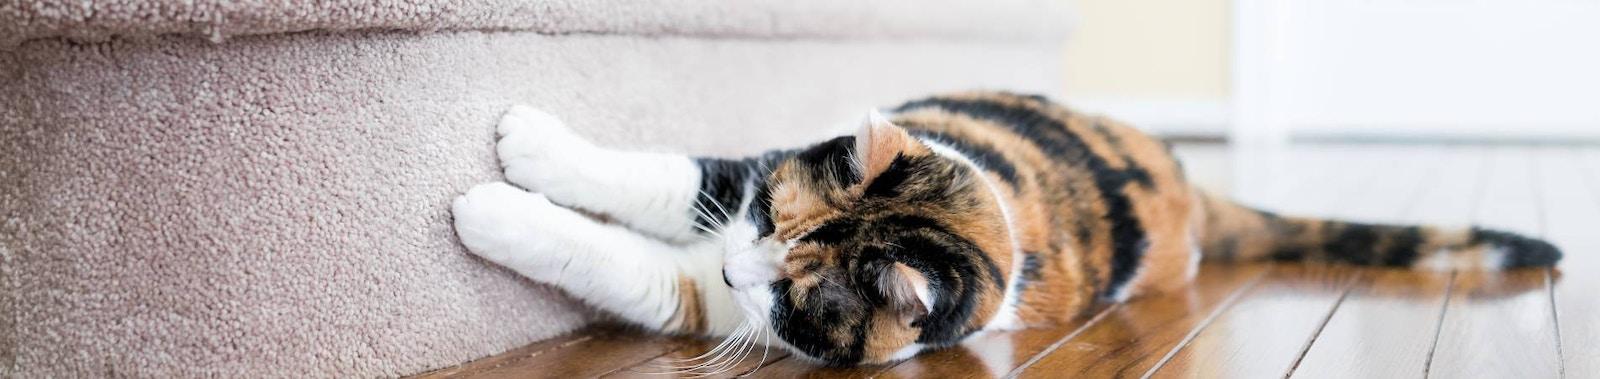 Common Cat Behaviour Issues